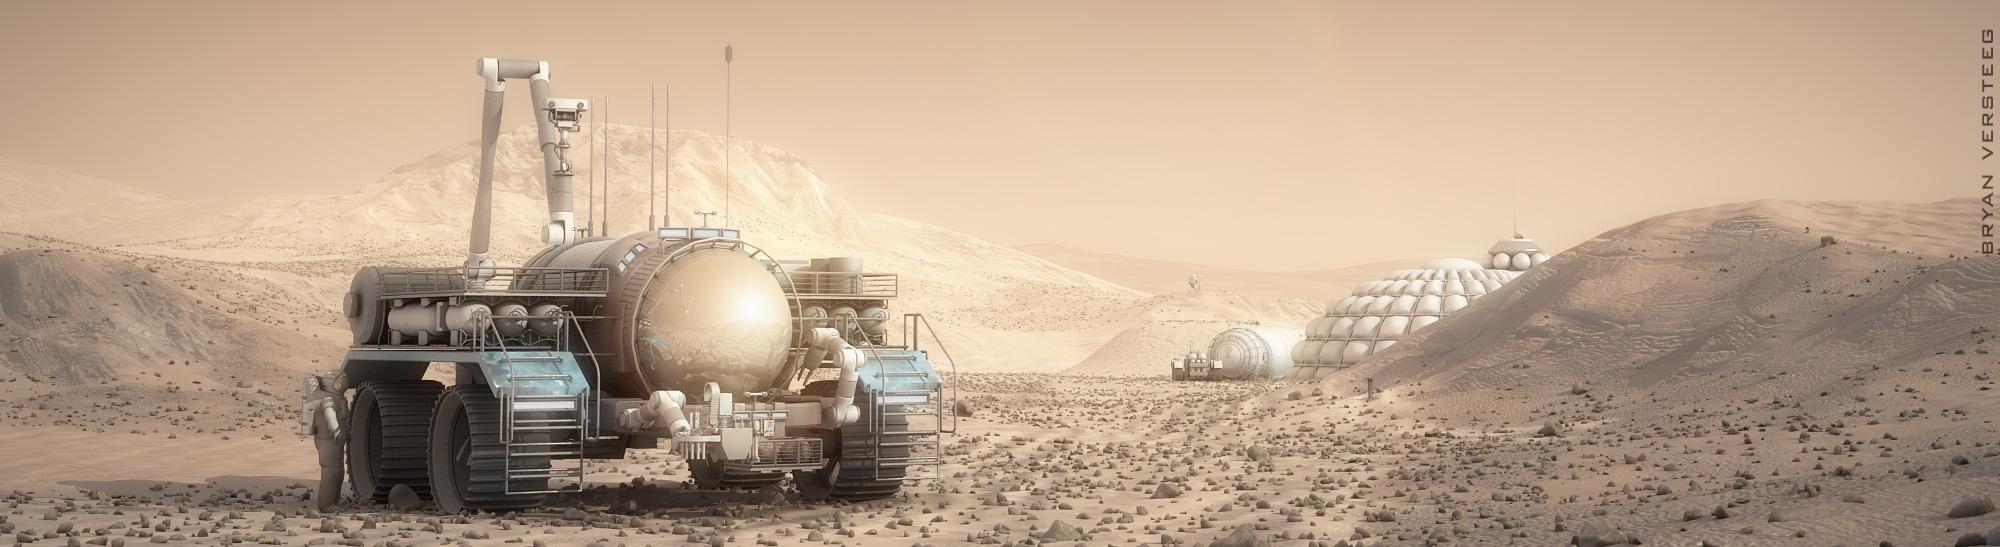 Mars-illustrate-A